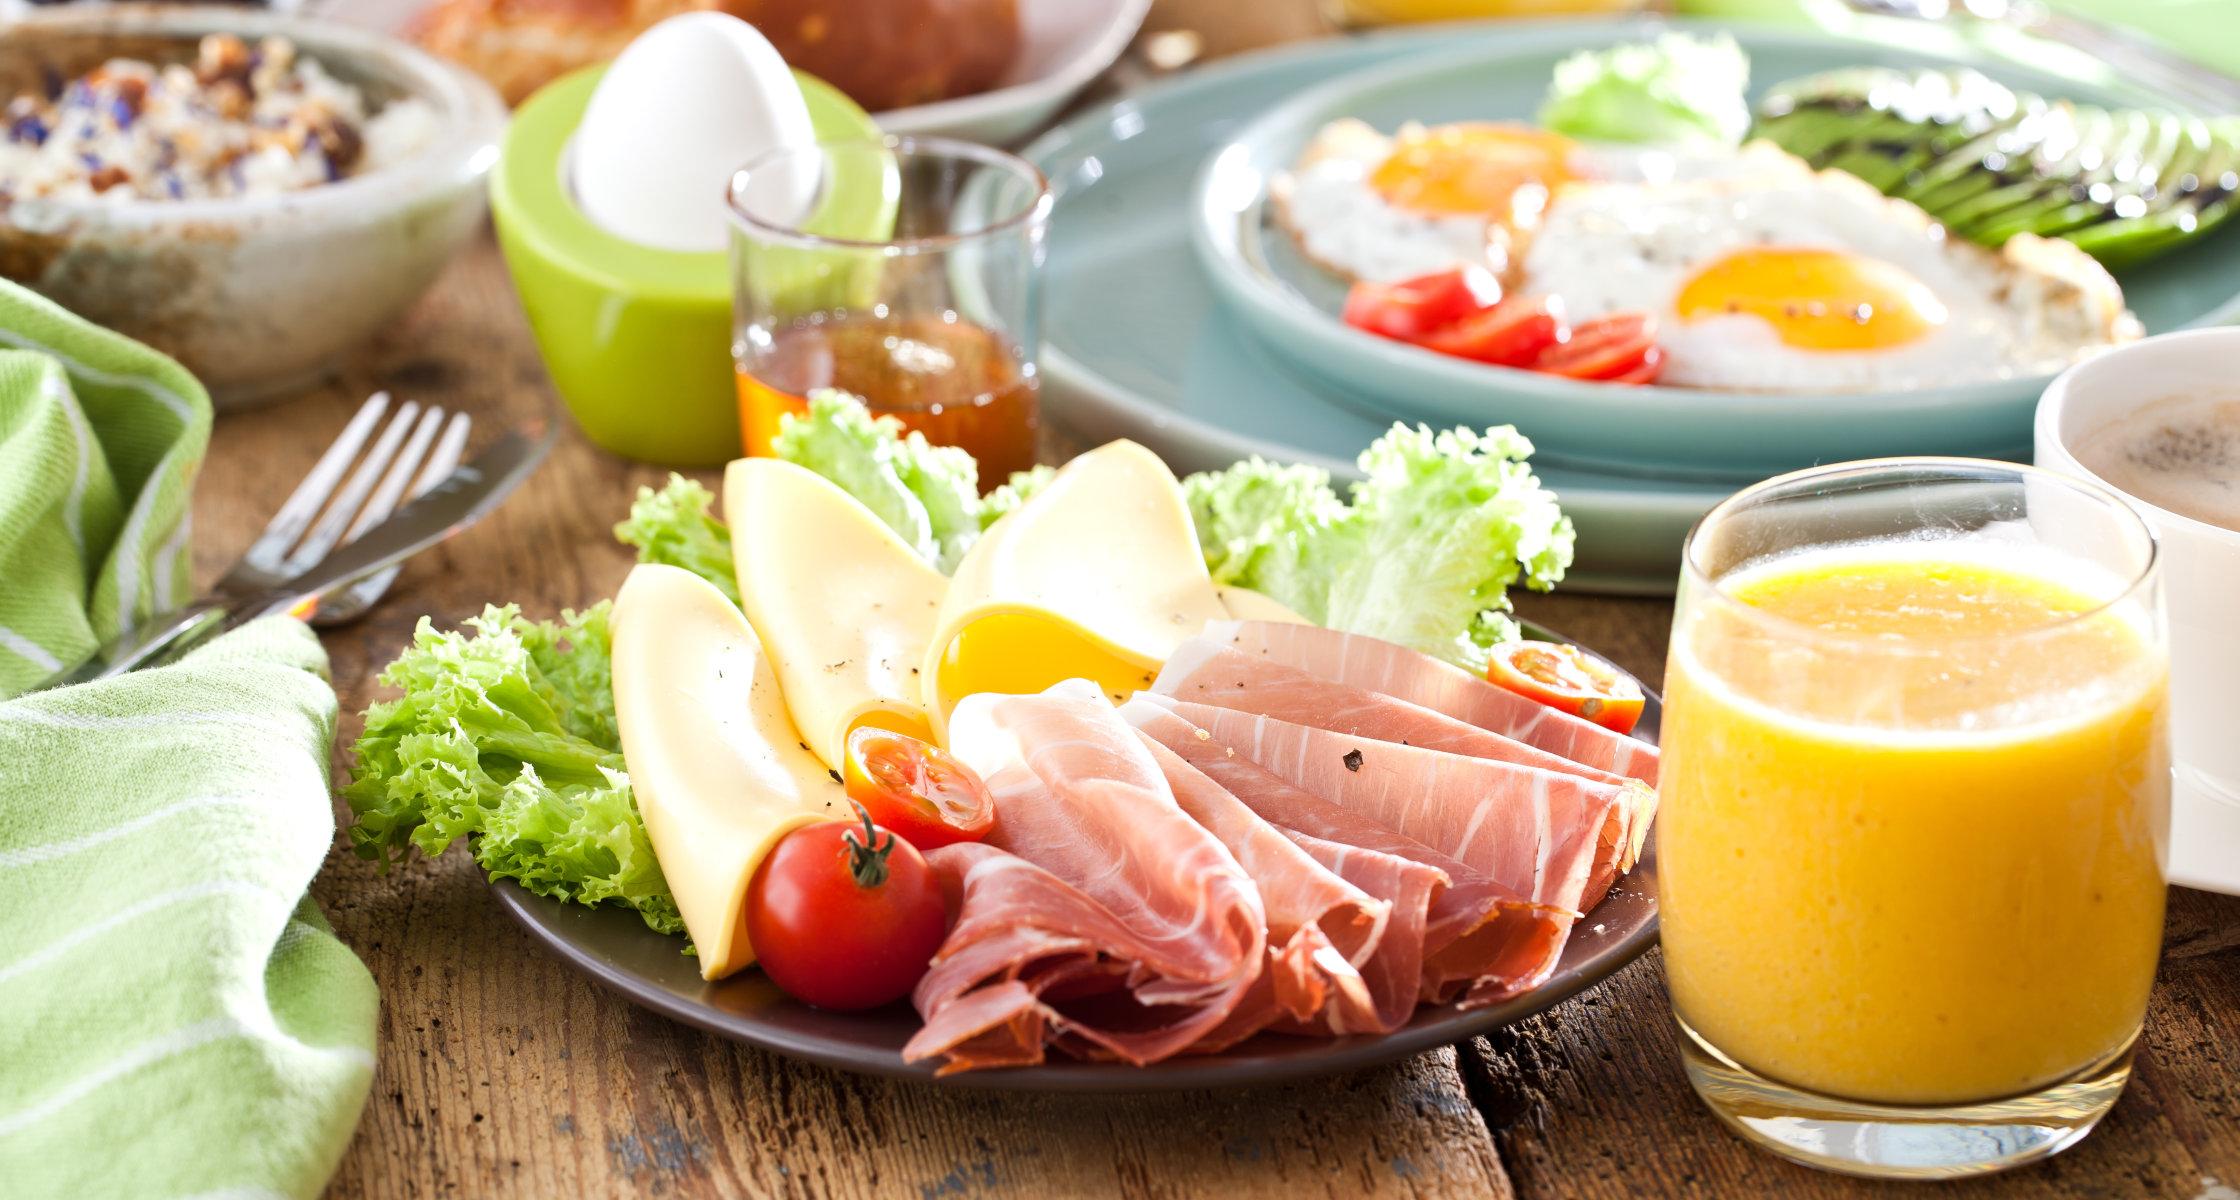 Frühstücken hilft beim Abnehmen